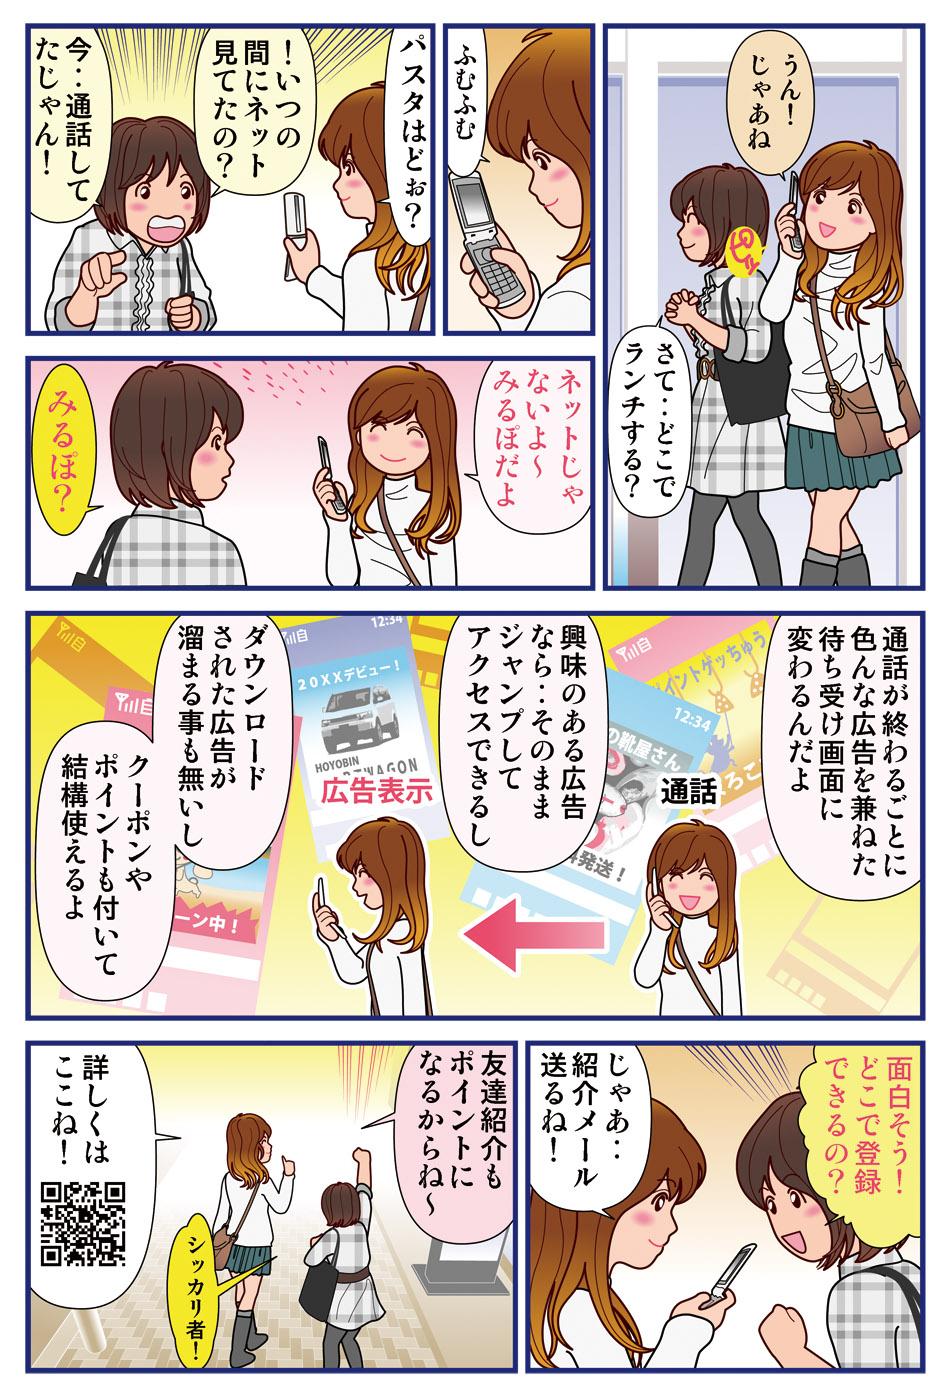 チラシ用1P広告漫画_2202